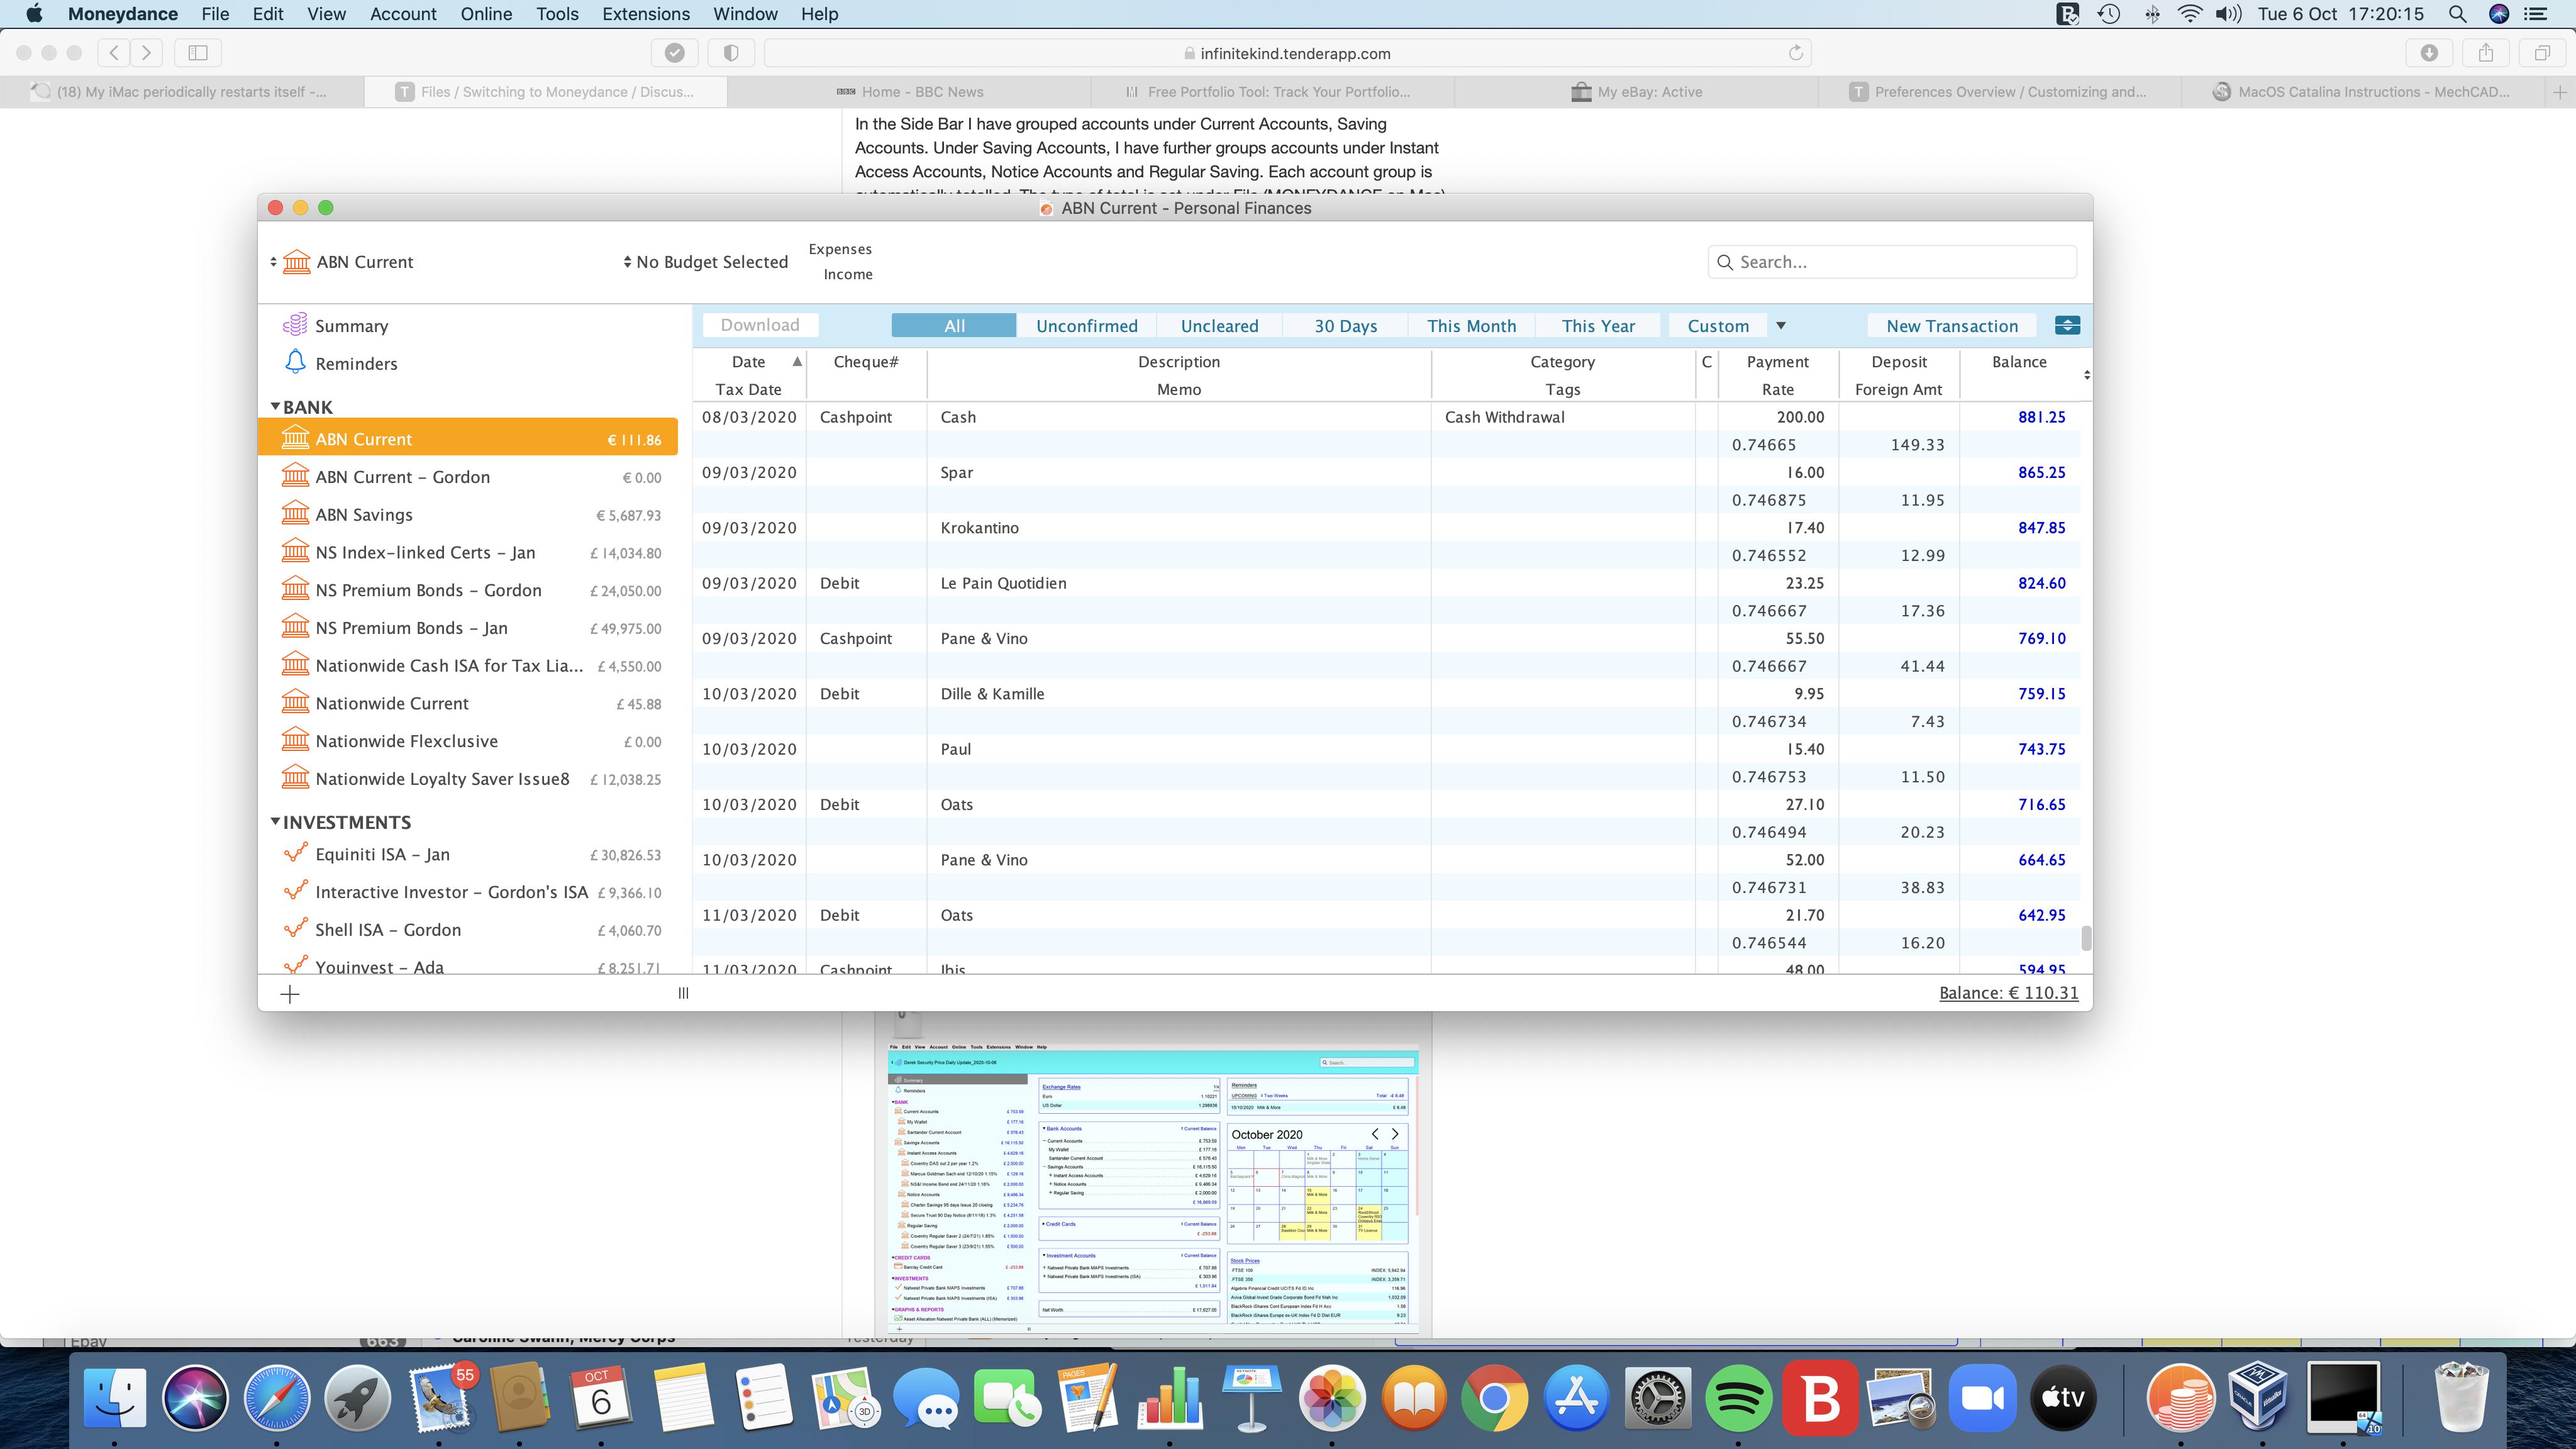 Screenshot_2020-10-06_at_17.20.15